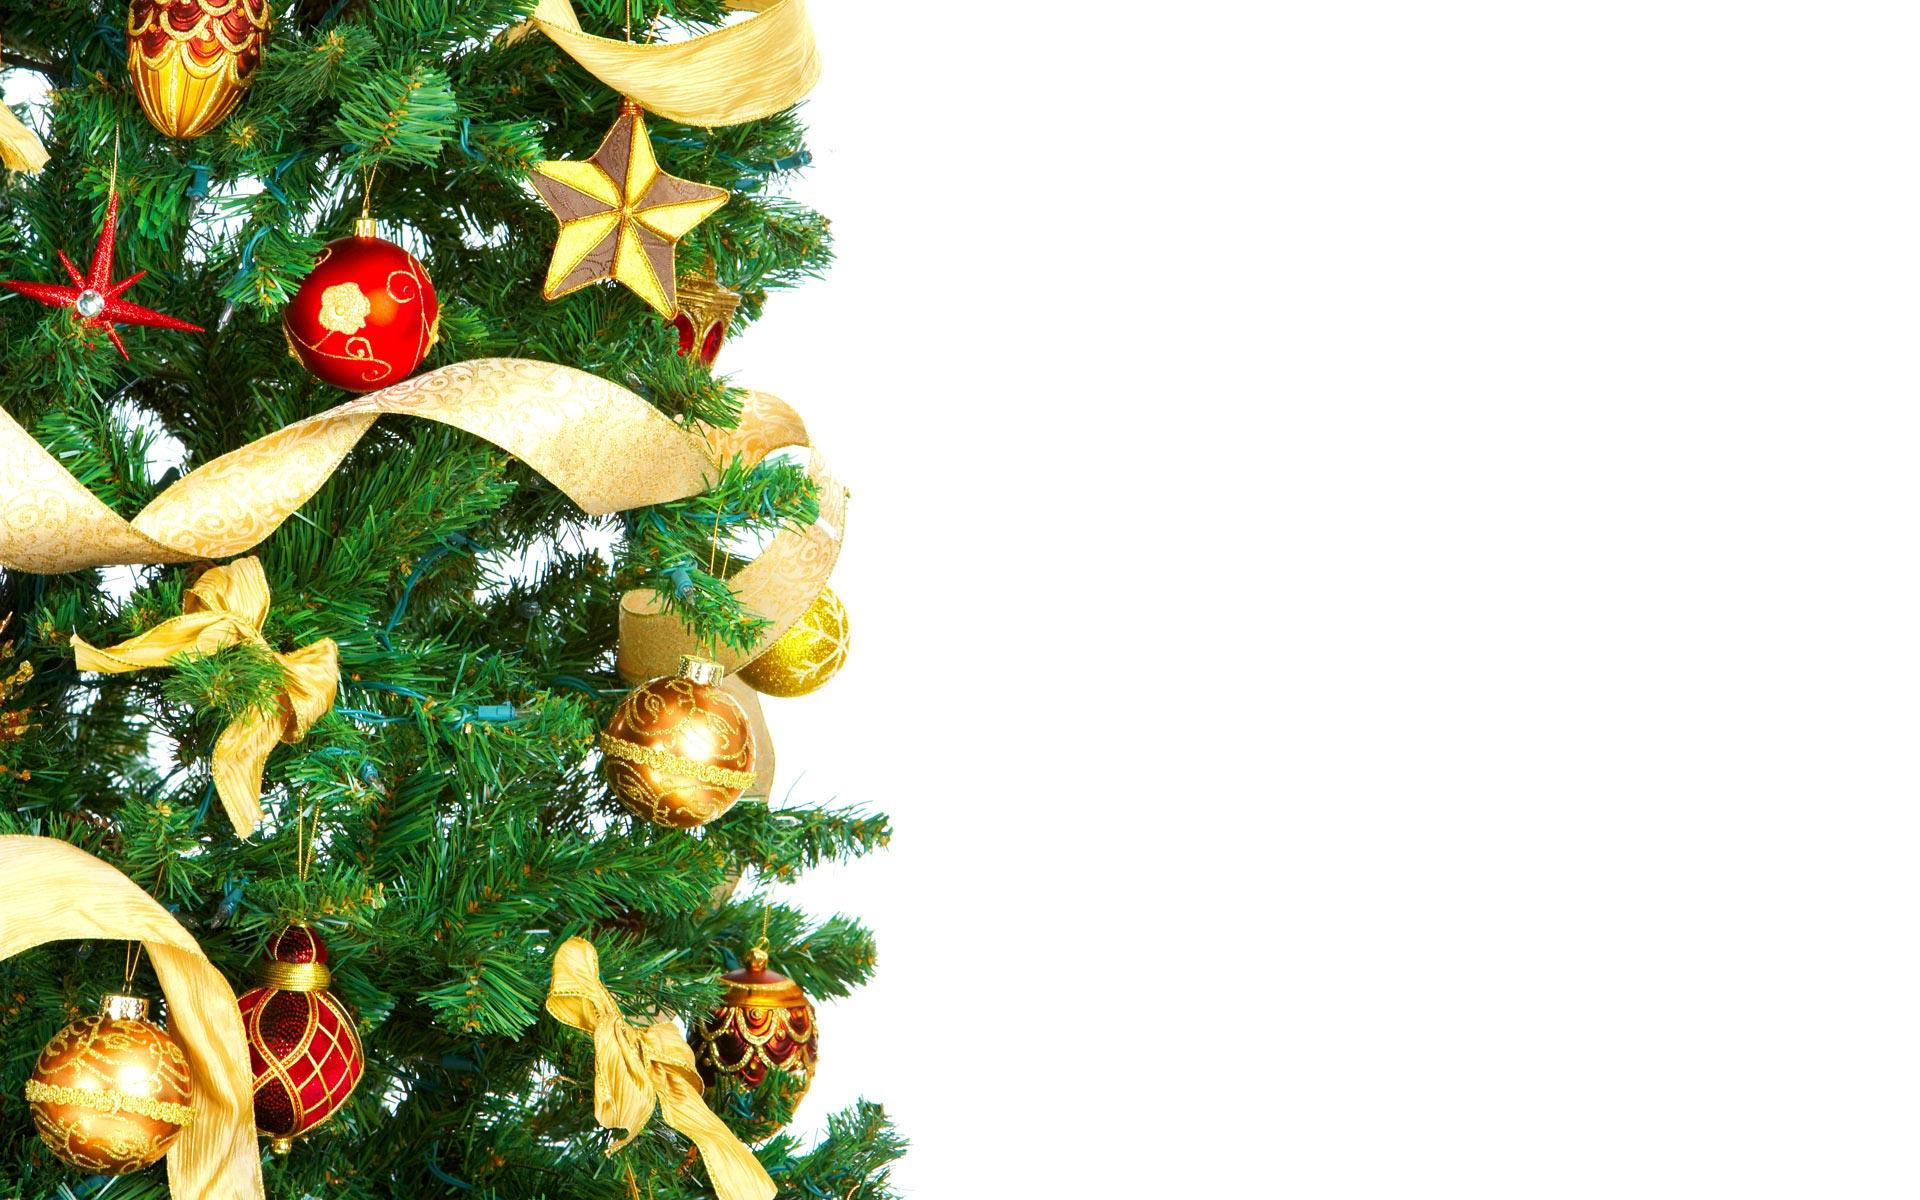 Alberi di Natale 2014 certificati? Eccone alcuni esempi nelle città italiane